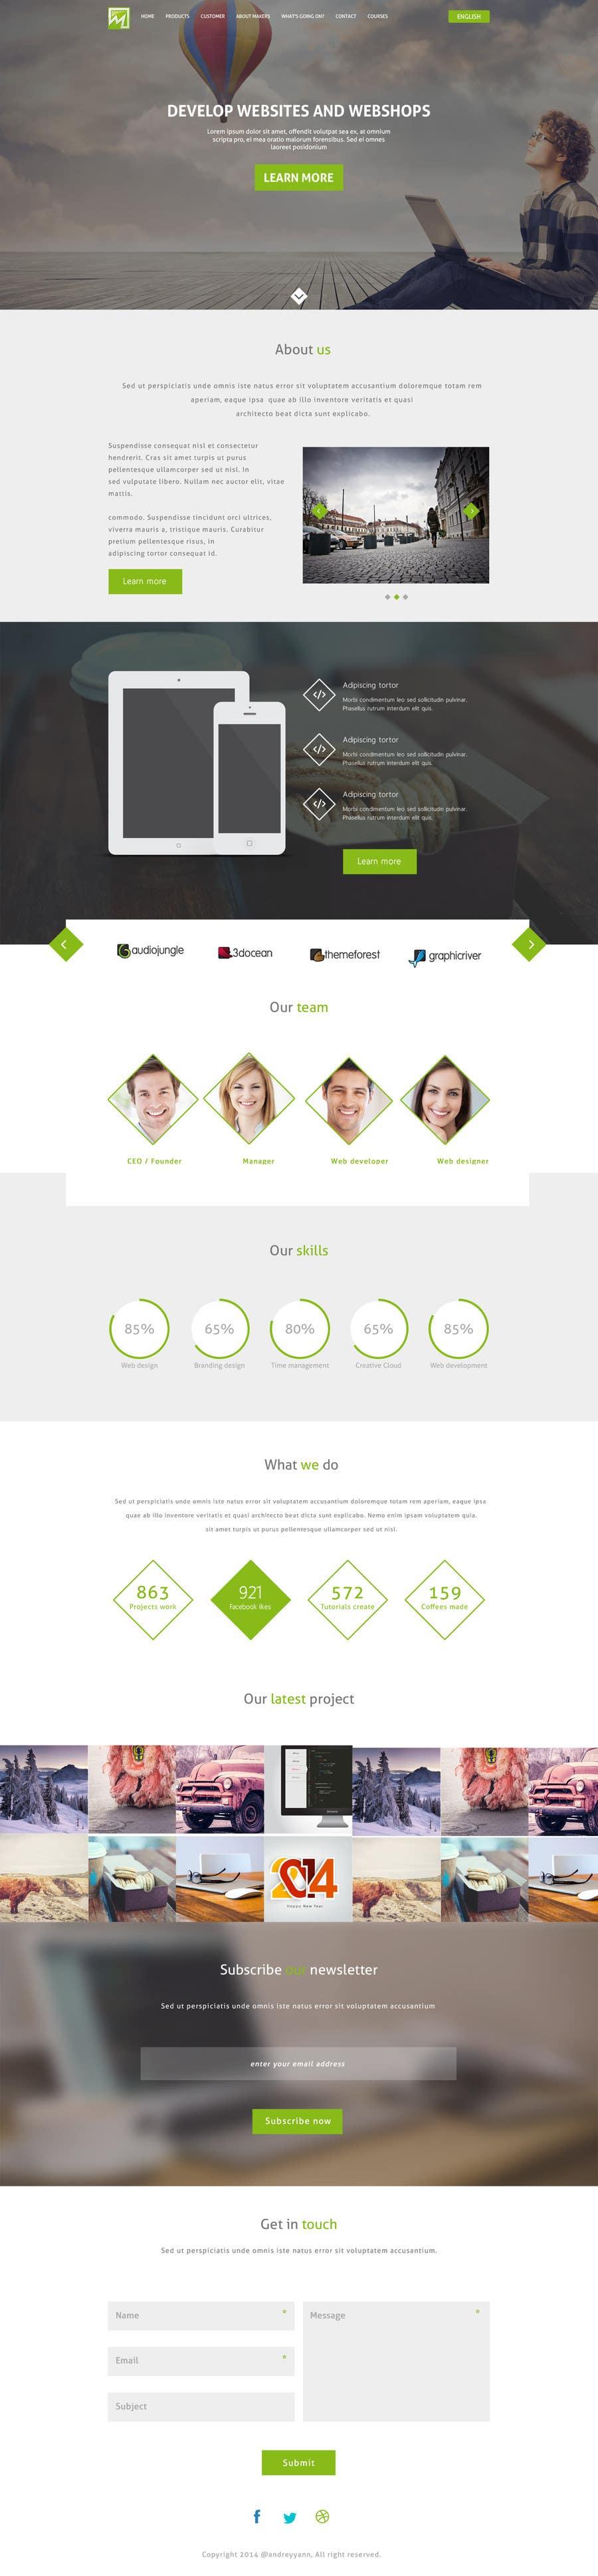 Konkurrenceindlæg #                                        17                                      for                                         Design a Website Mockup for http://makers.dk